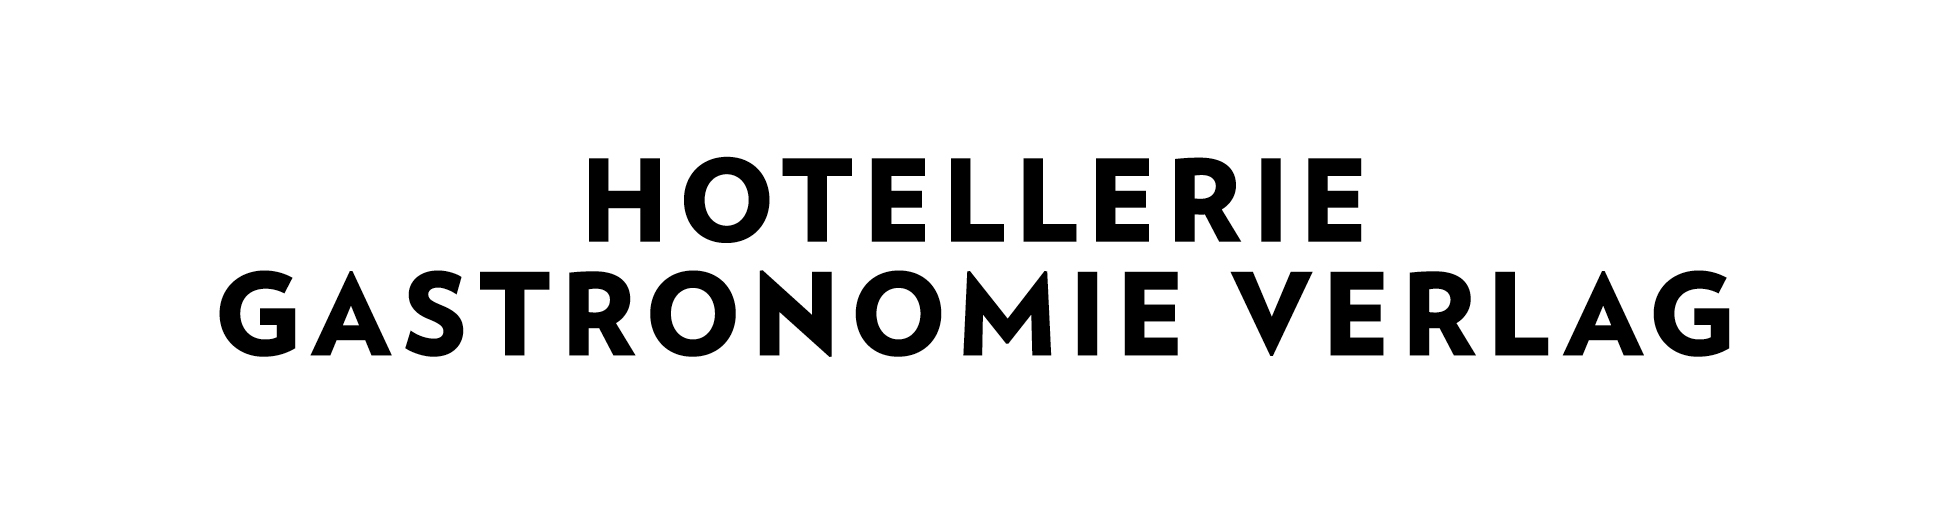 HotellerieGastroVerl